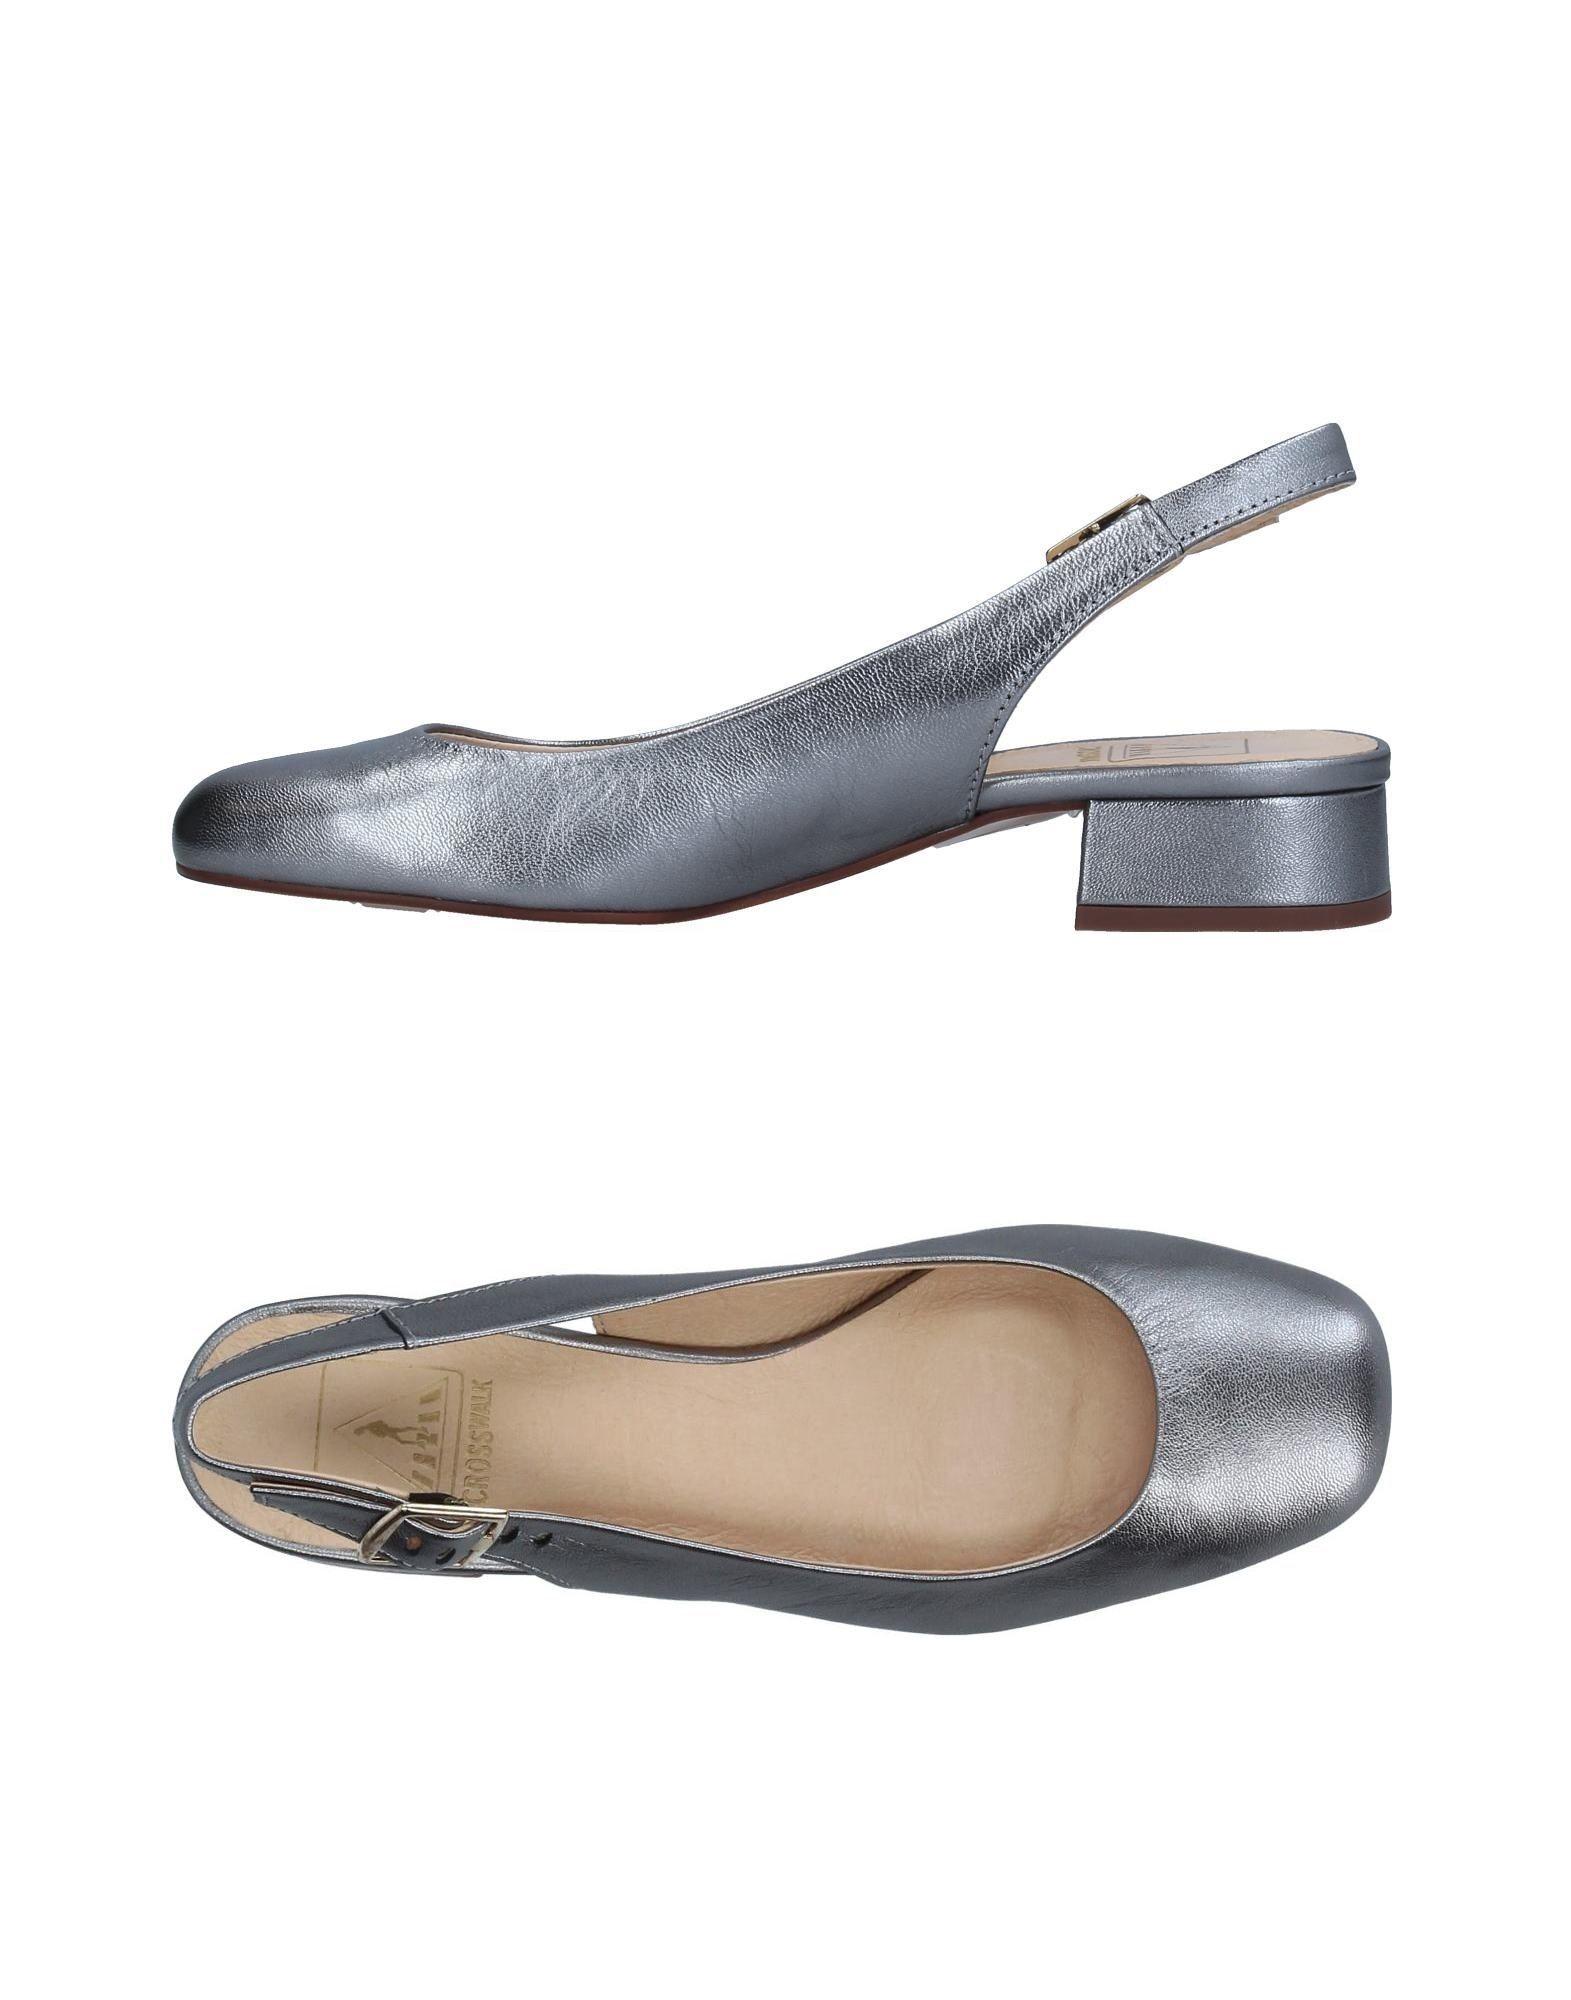 Casual Cross salvaje Zapato De Salón Cross Casual Walk Mujer - Salones Cross Walk  Plomo 14004c